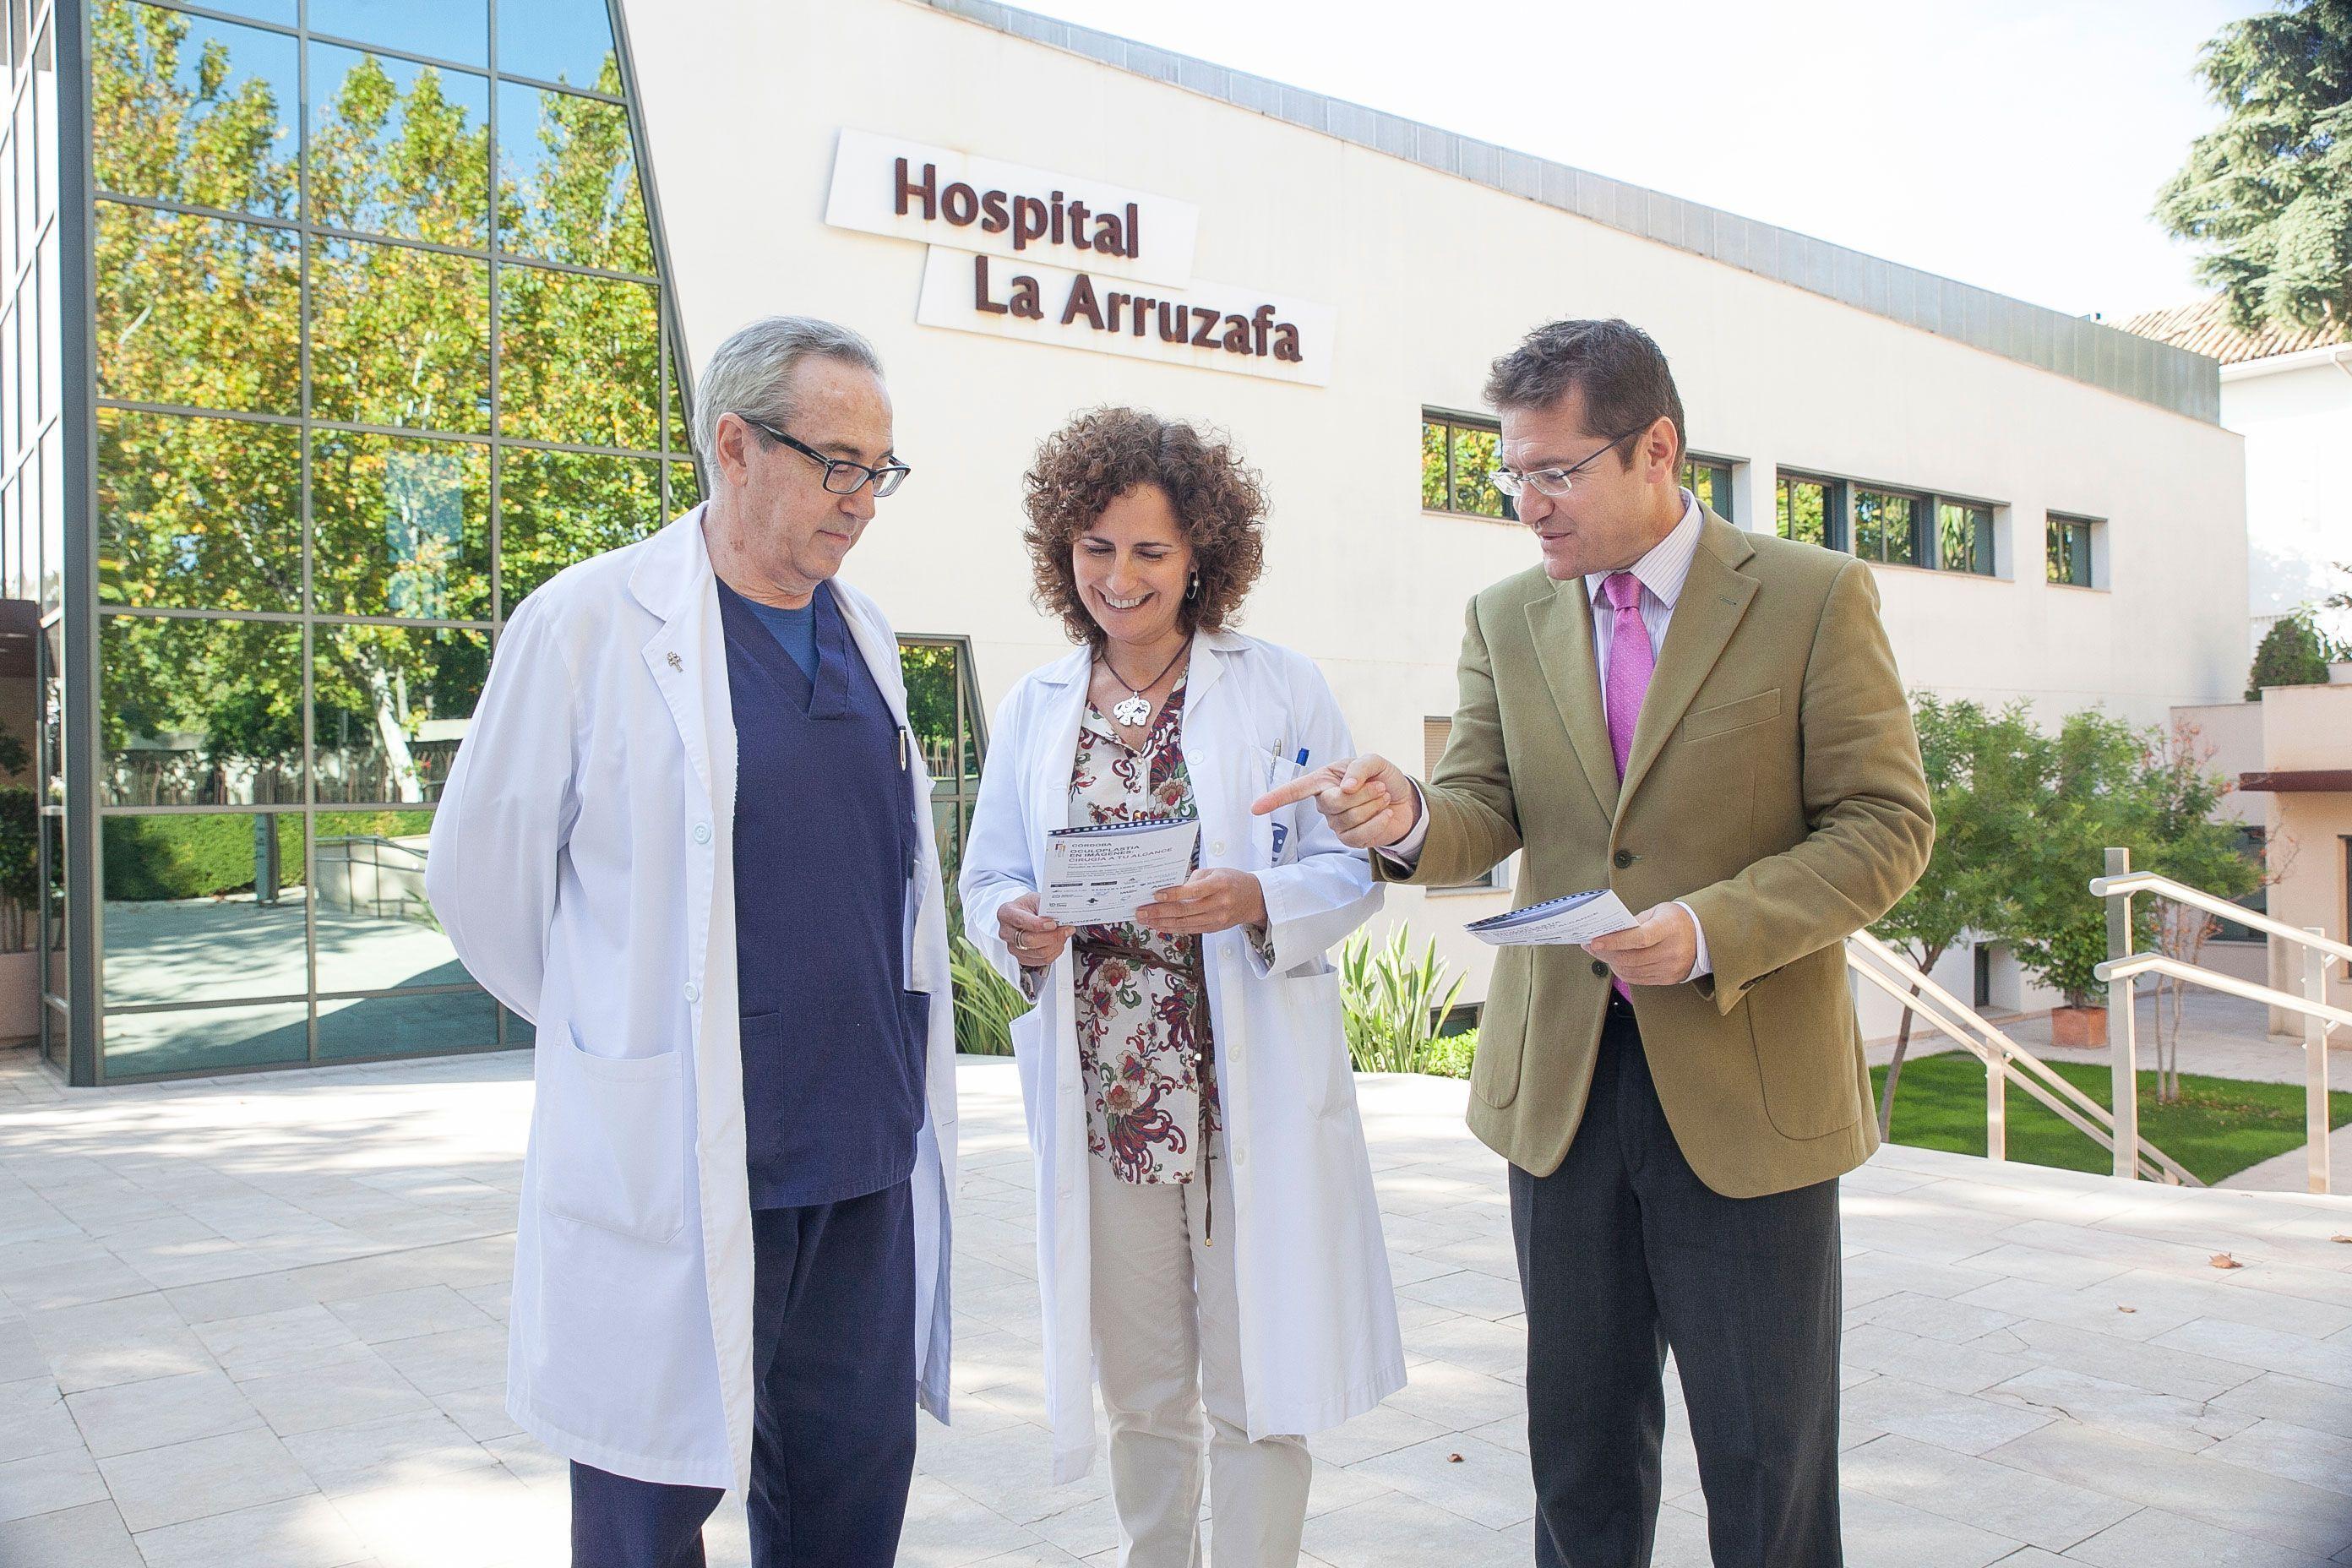 Juan Manuel Laborda, director Médico; Concha Aránguez, directora Fórum Arruzafa 2014; y Rafael Agüera, director gerente del Hospital La Arruzafa.